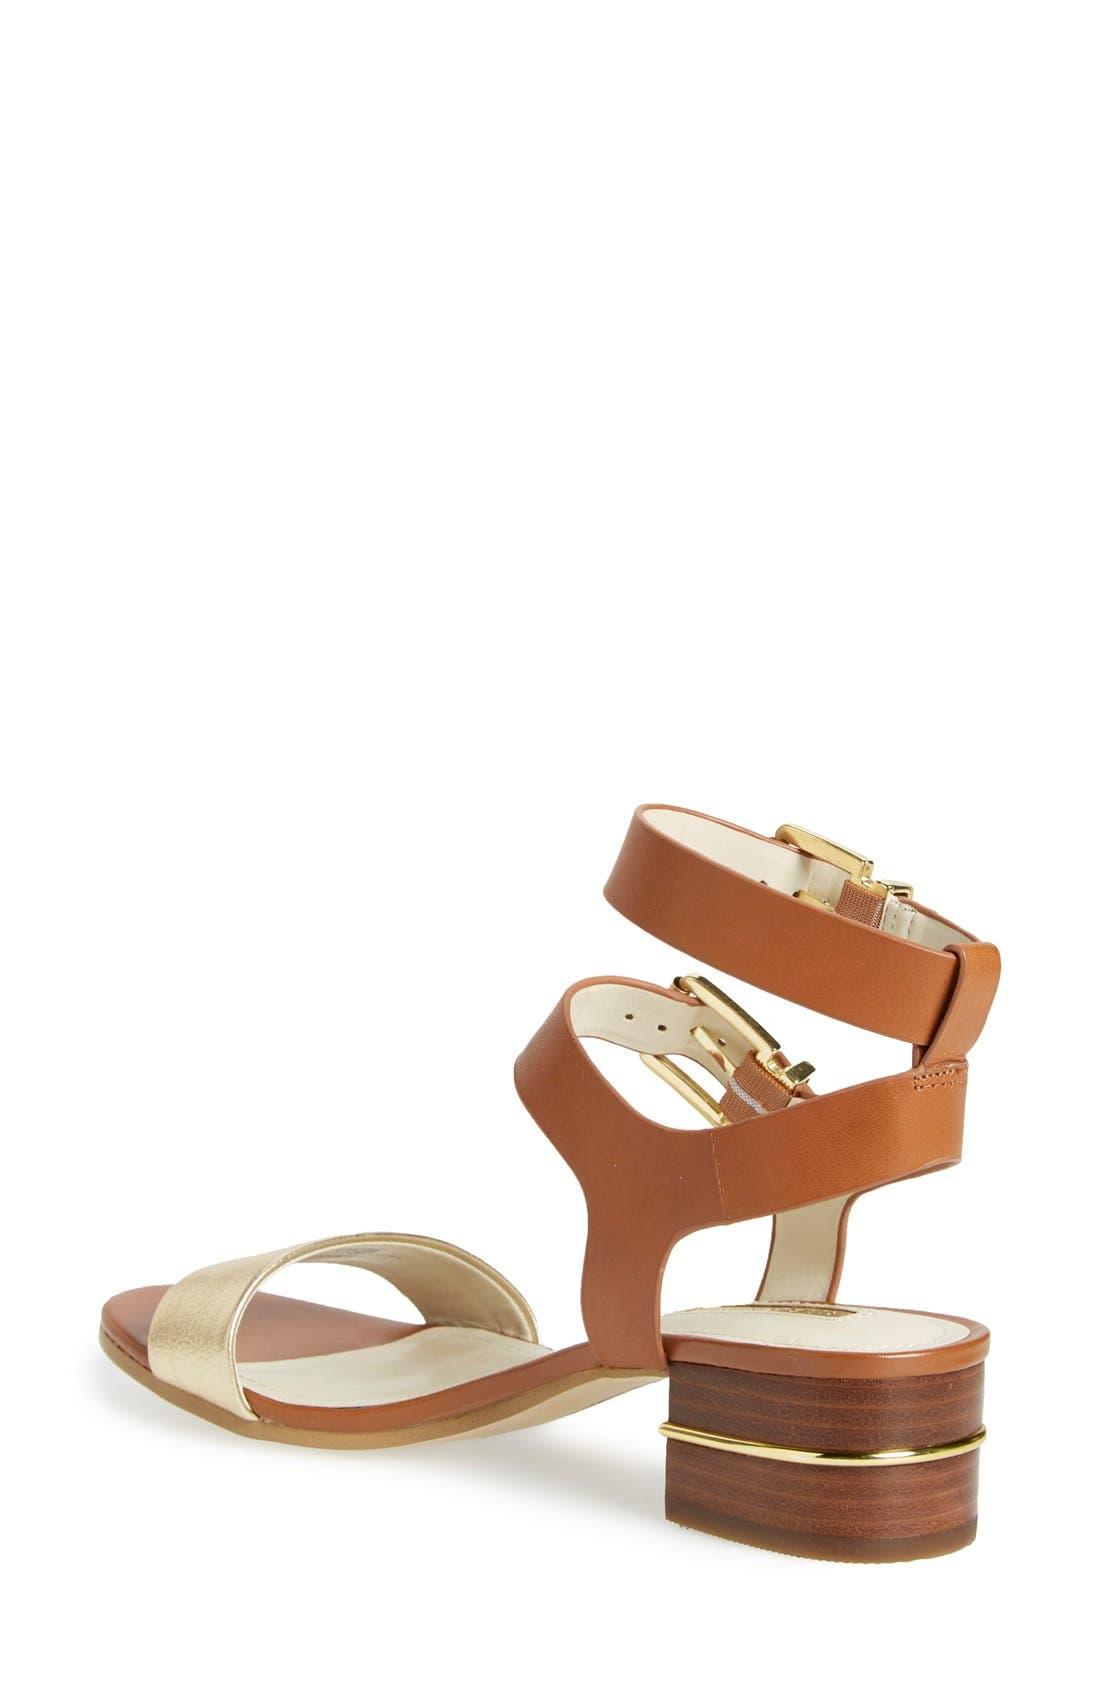 Alternate Image 2  - BCBGeneration 'Roger' Block Heel Sandal (Women)